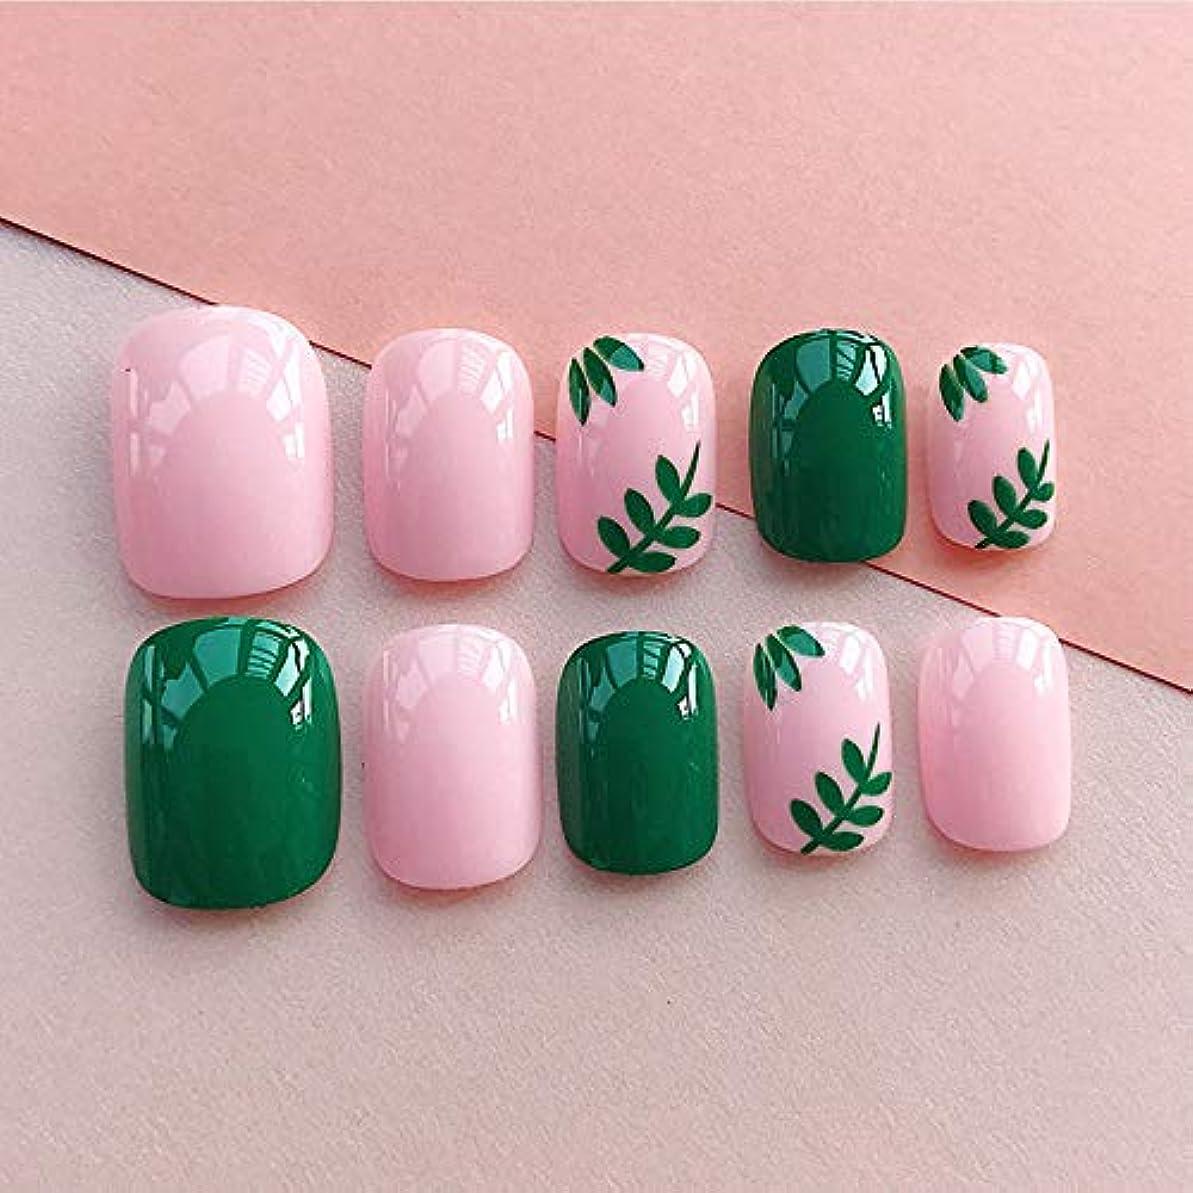 目に見える詐欺師悪いネイルチップ 夏の 無地 ピンク 緑の葉 優雅 短い 四角形 フルカバー 24枚 12別サイズ つ